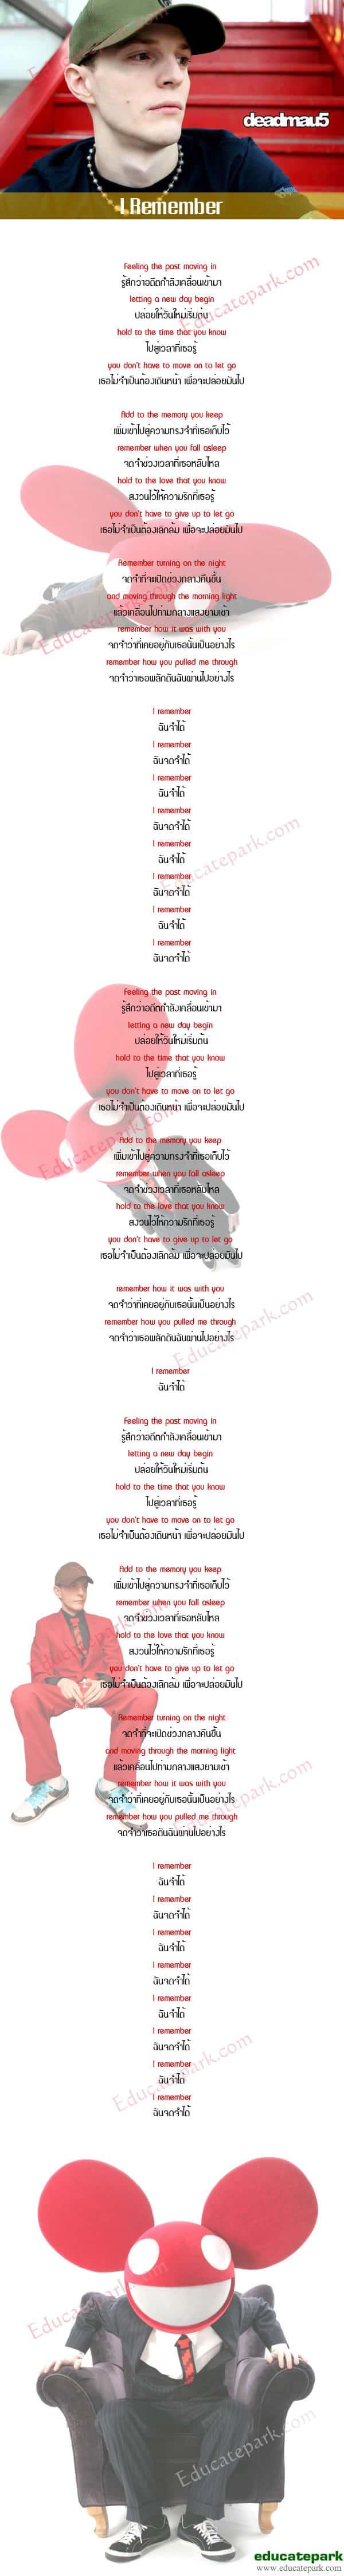 แปลเพลง I Remember - Deadmau 5